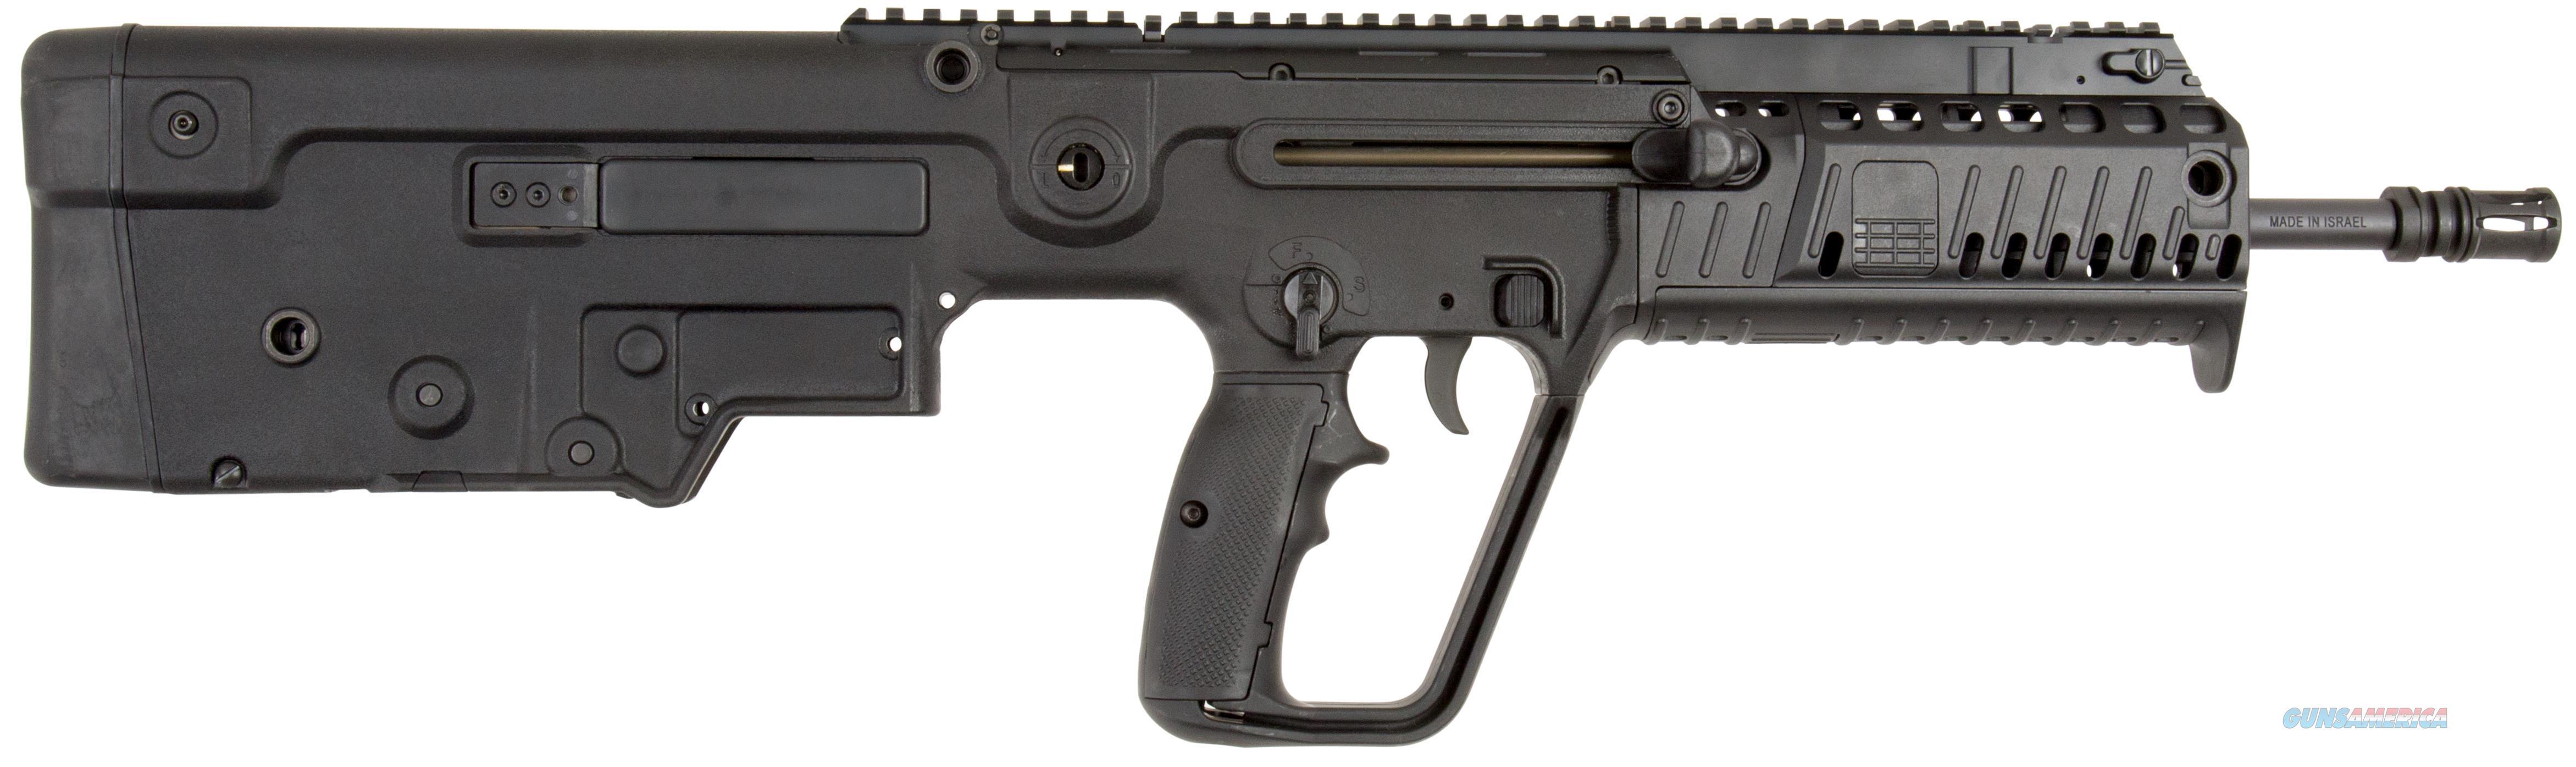 Tavor X95 Lh 5.56 Black 30+1 XB16L  Guns > Rifles > IJ Misc Rifles